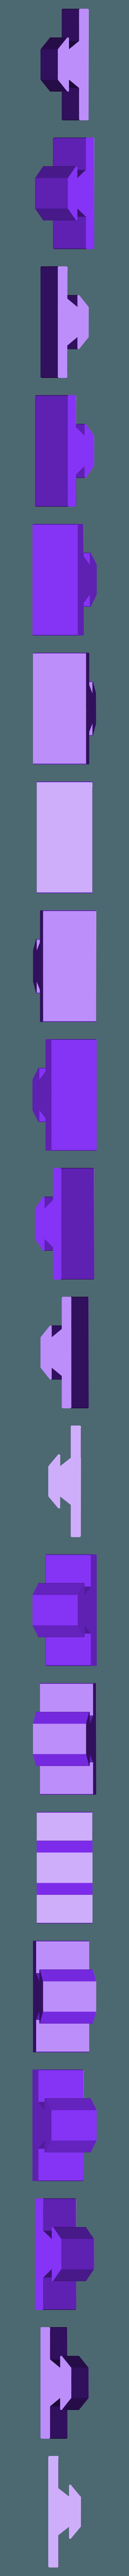 toolholder_profile.stl Télécharger fichier SCAD gratuit Porte-outils 3D Ender 3 Frame Mounted Creality • Modèle à imprimer en 3D, kevfquinn